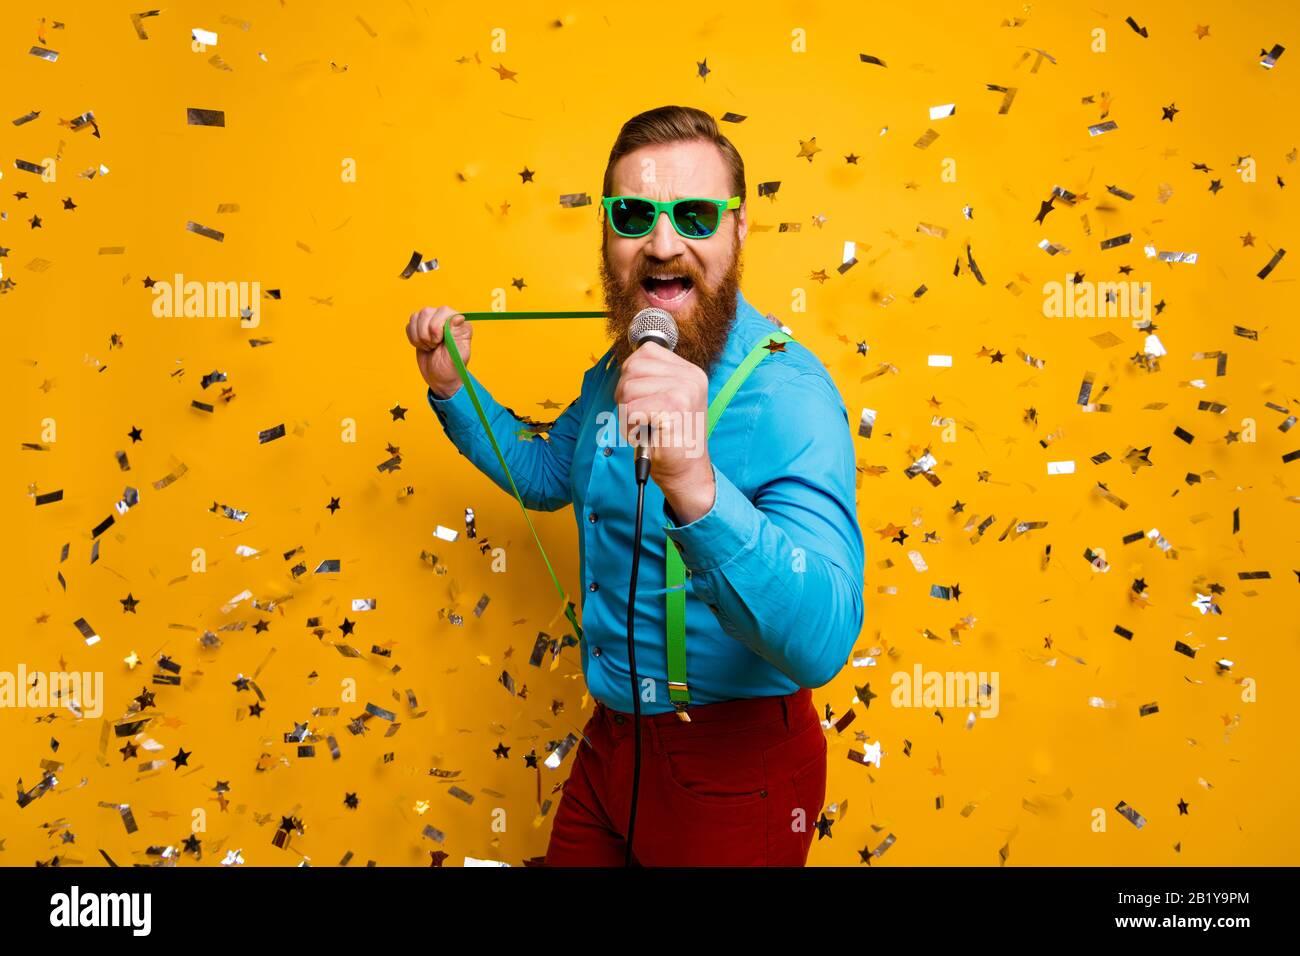 Retrato Salvaje Loco Hombre Realizar Su Unico Exito Disfrutar De Rock And Roll Rendimiento Tirar Verde Tirantes Confetti Caida Ropa Azul Camisa Pantalones Pantalones Fotografia De Stock Alamy